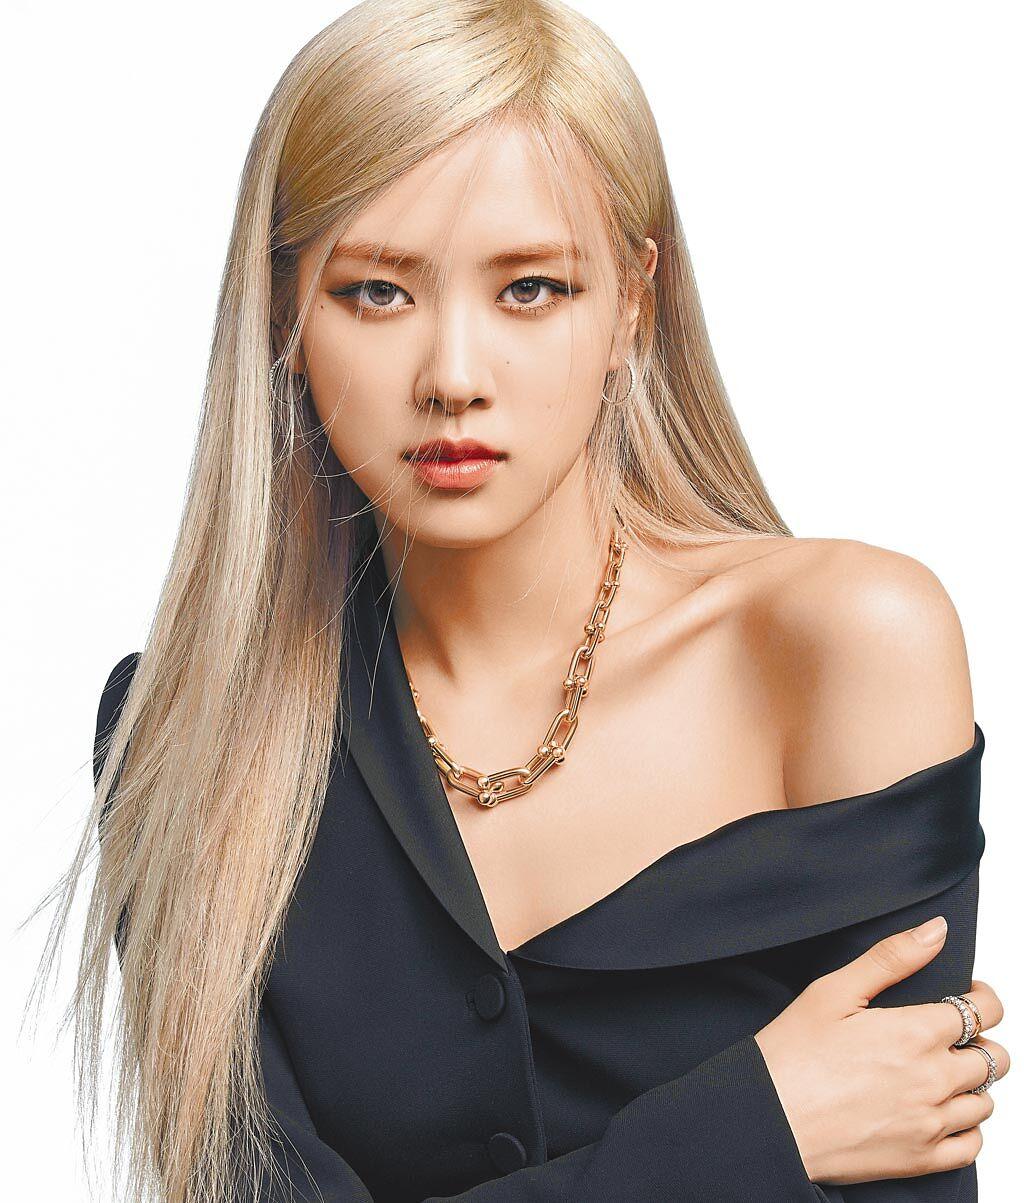 BLACKPINK成員ROSE擔任Tiffany全球品牌代言人。(Tiffany & Co.提供)